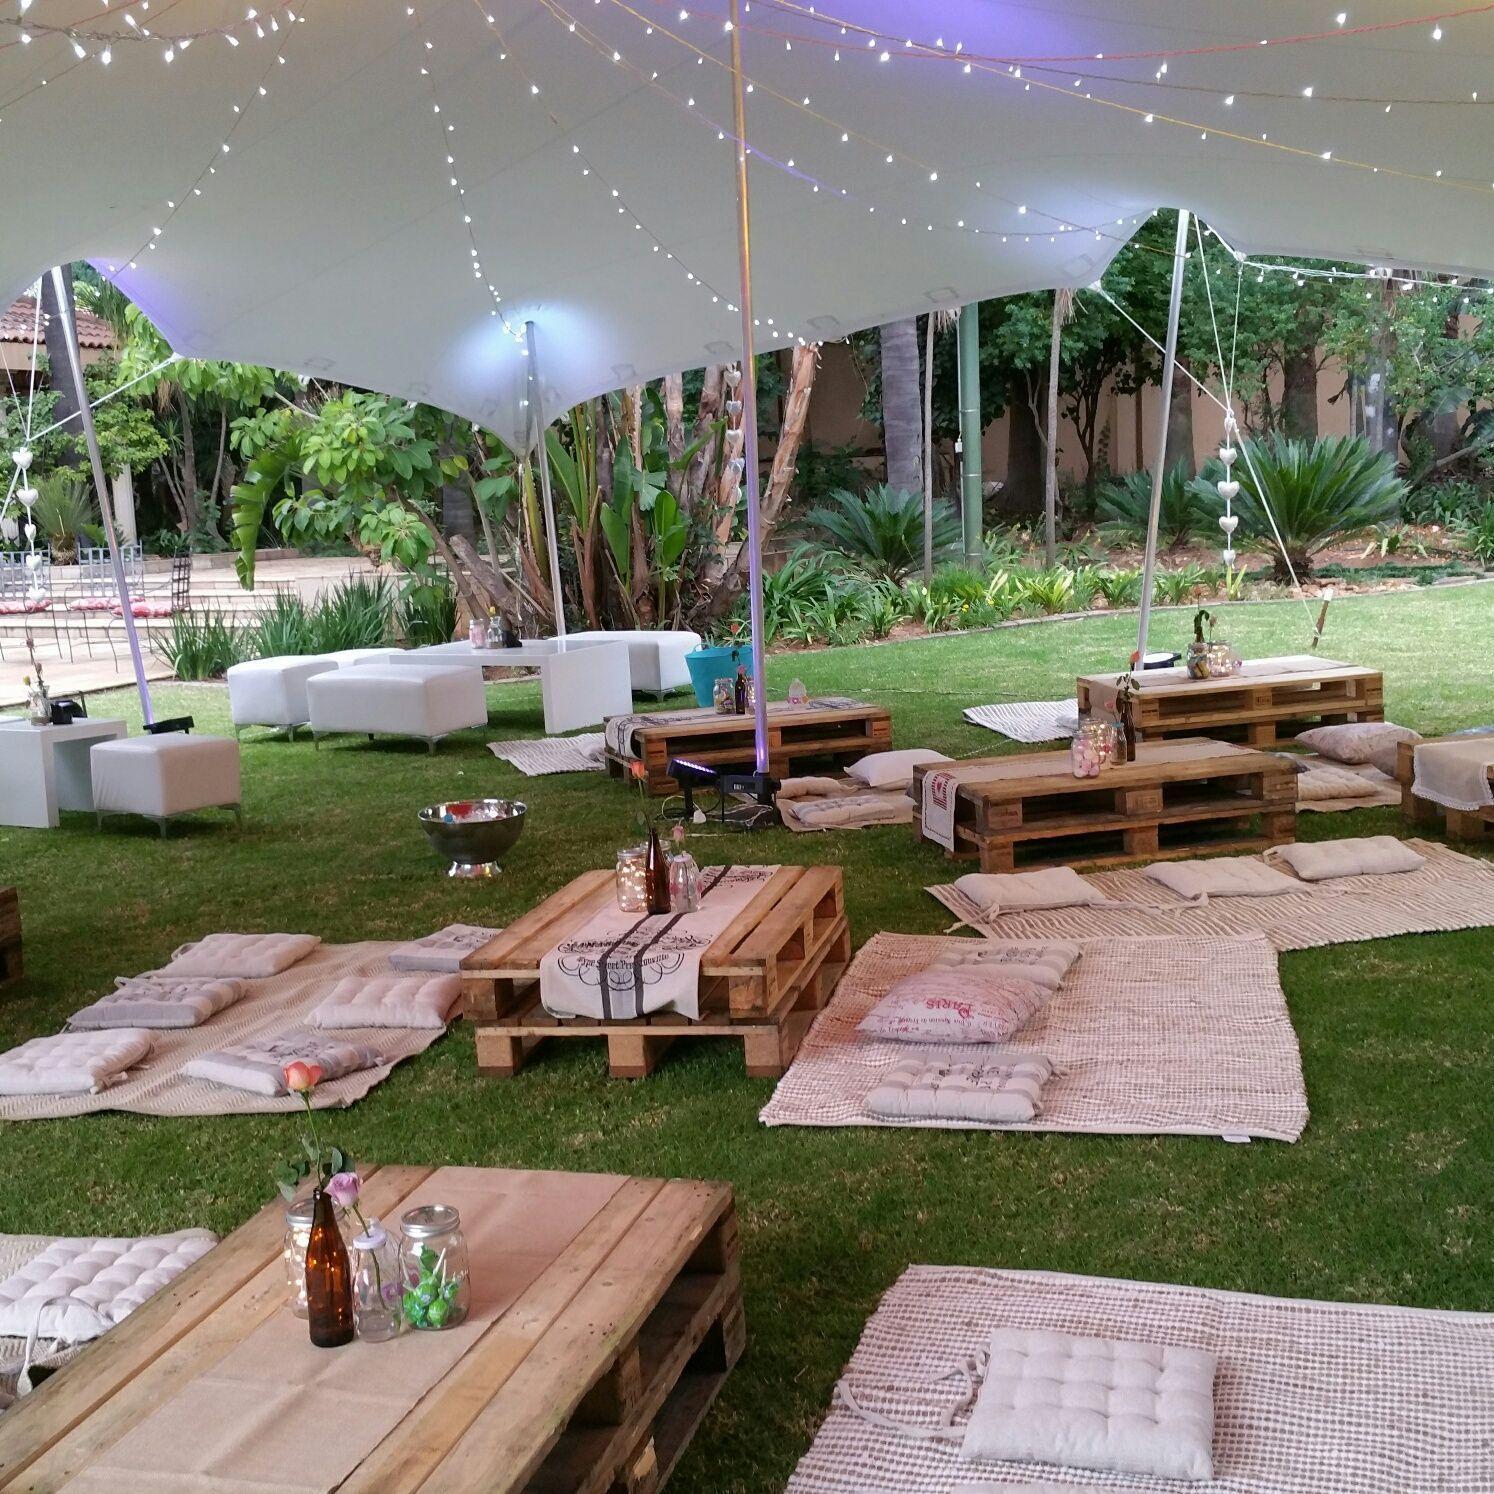 festival decor ideas - Google Search #bohemian garden party